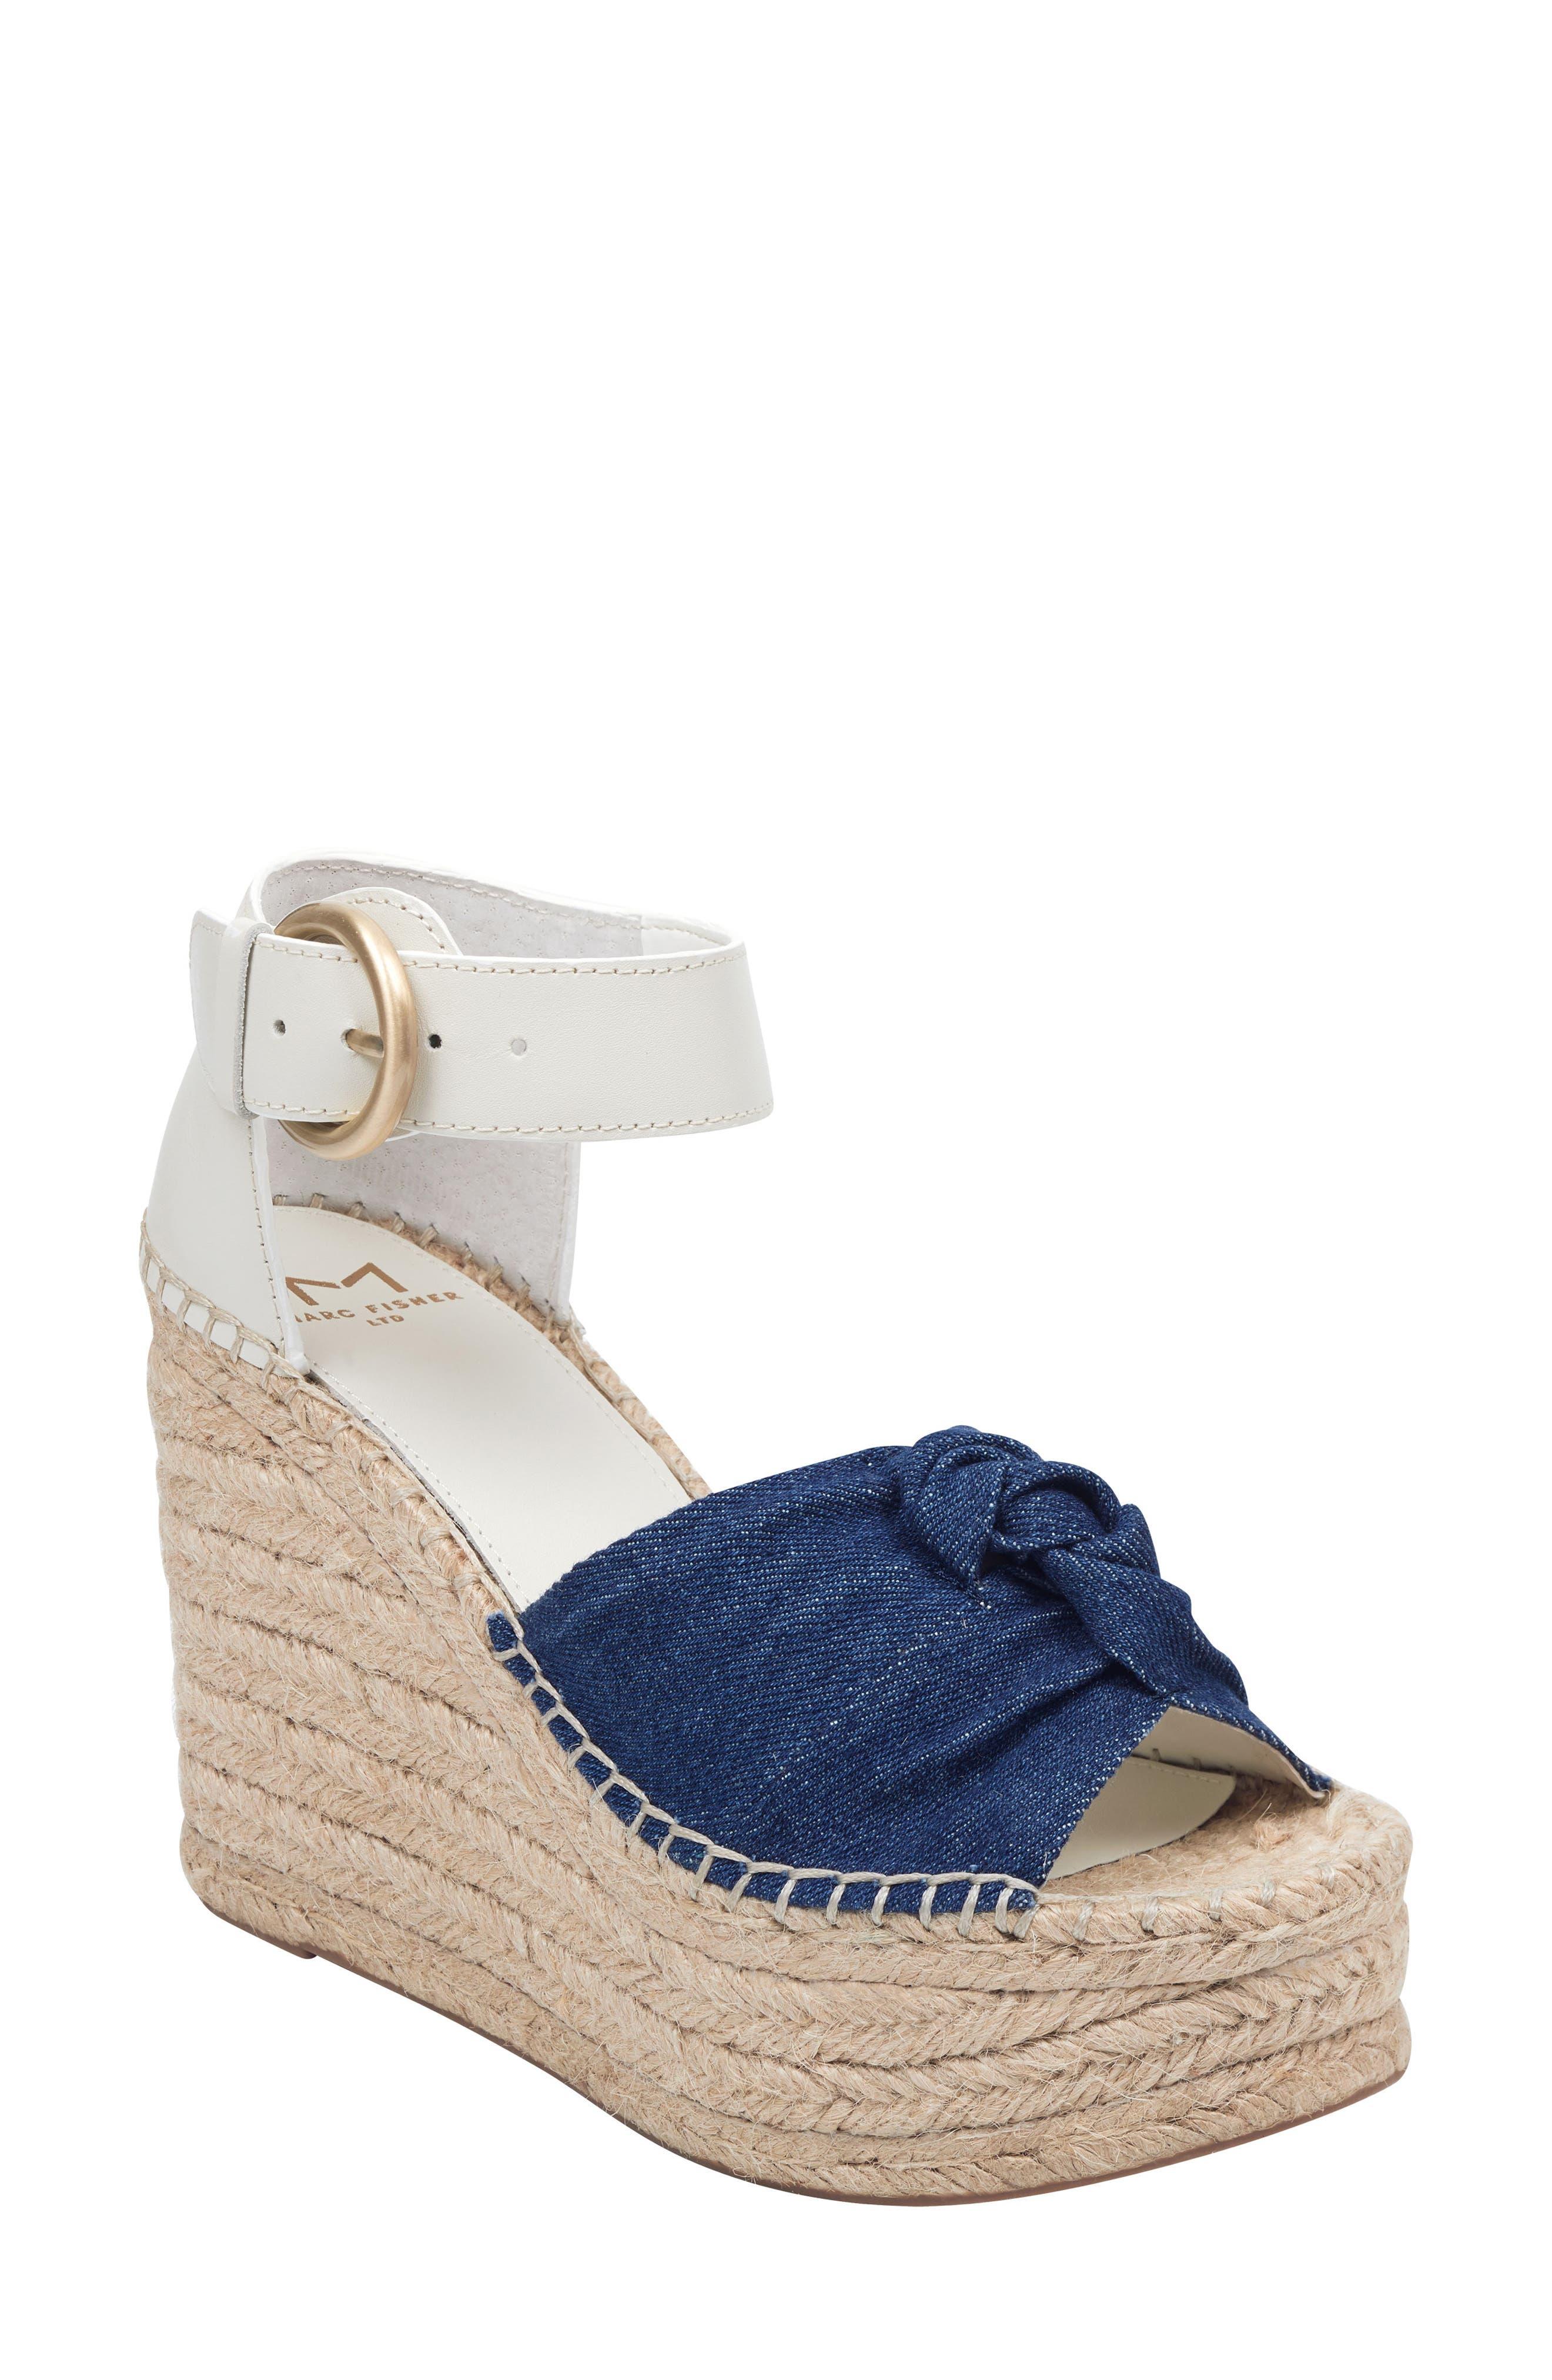 Marc Fisher Ltd. Anty 2 Platform Espadrille Sandal- Blue